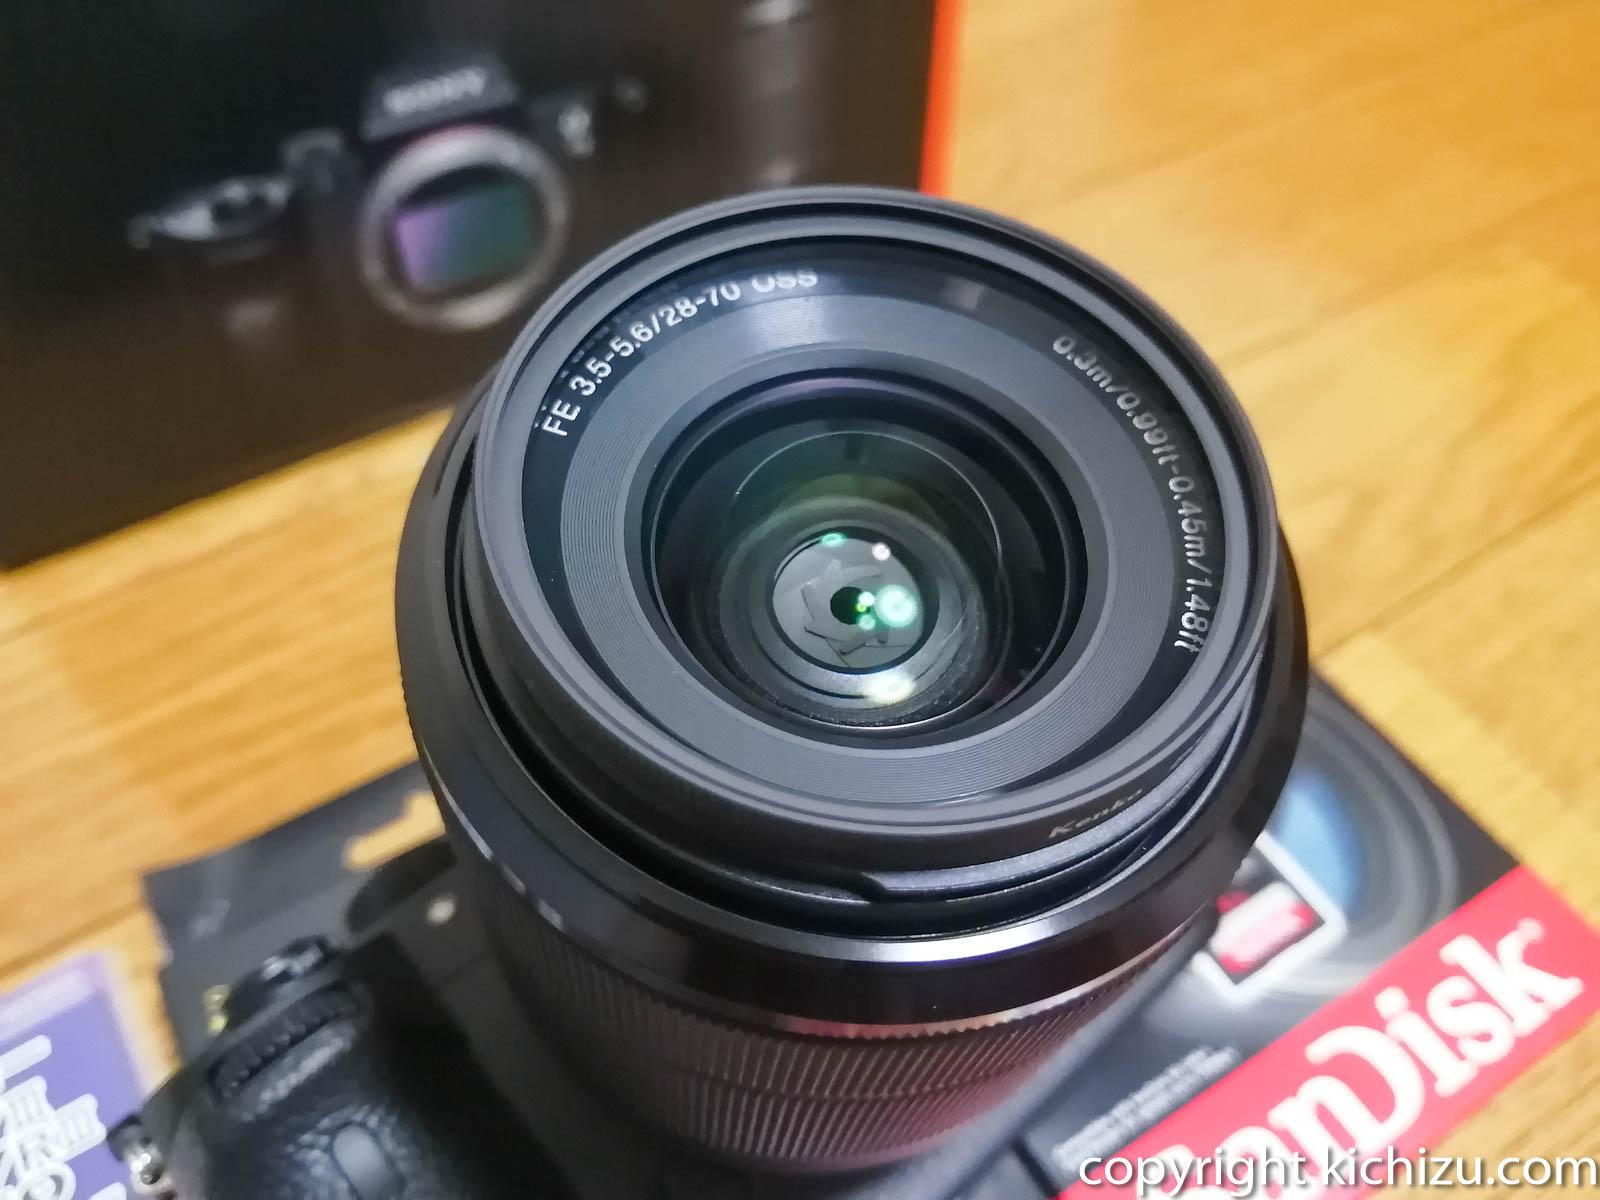 レンズに装着した55mm レンズフィルター PRO1D